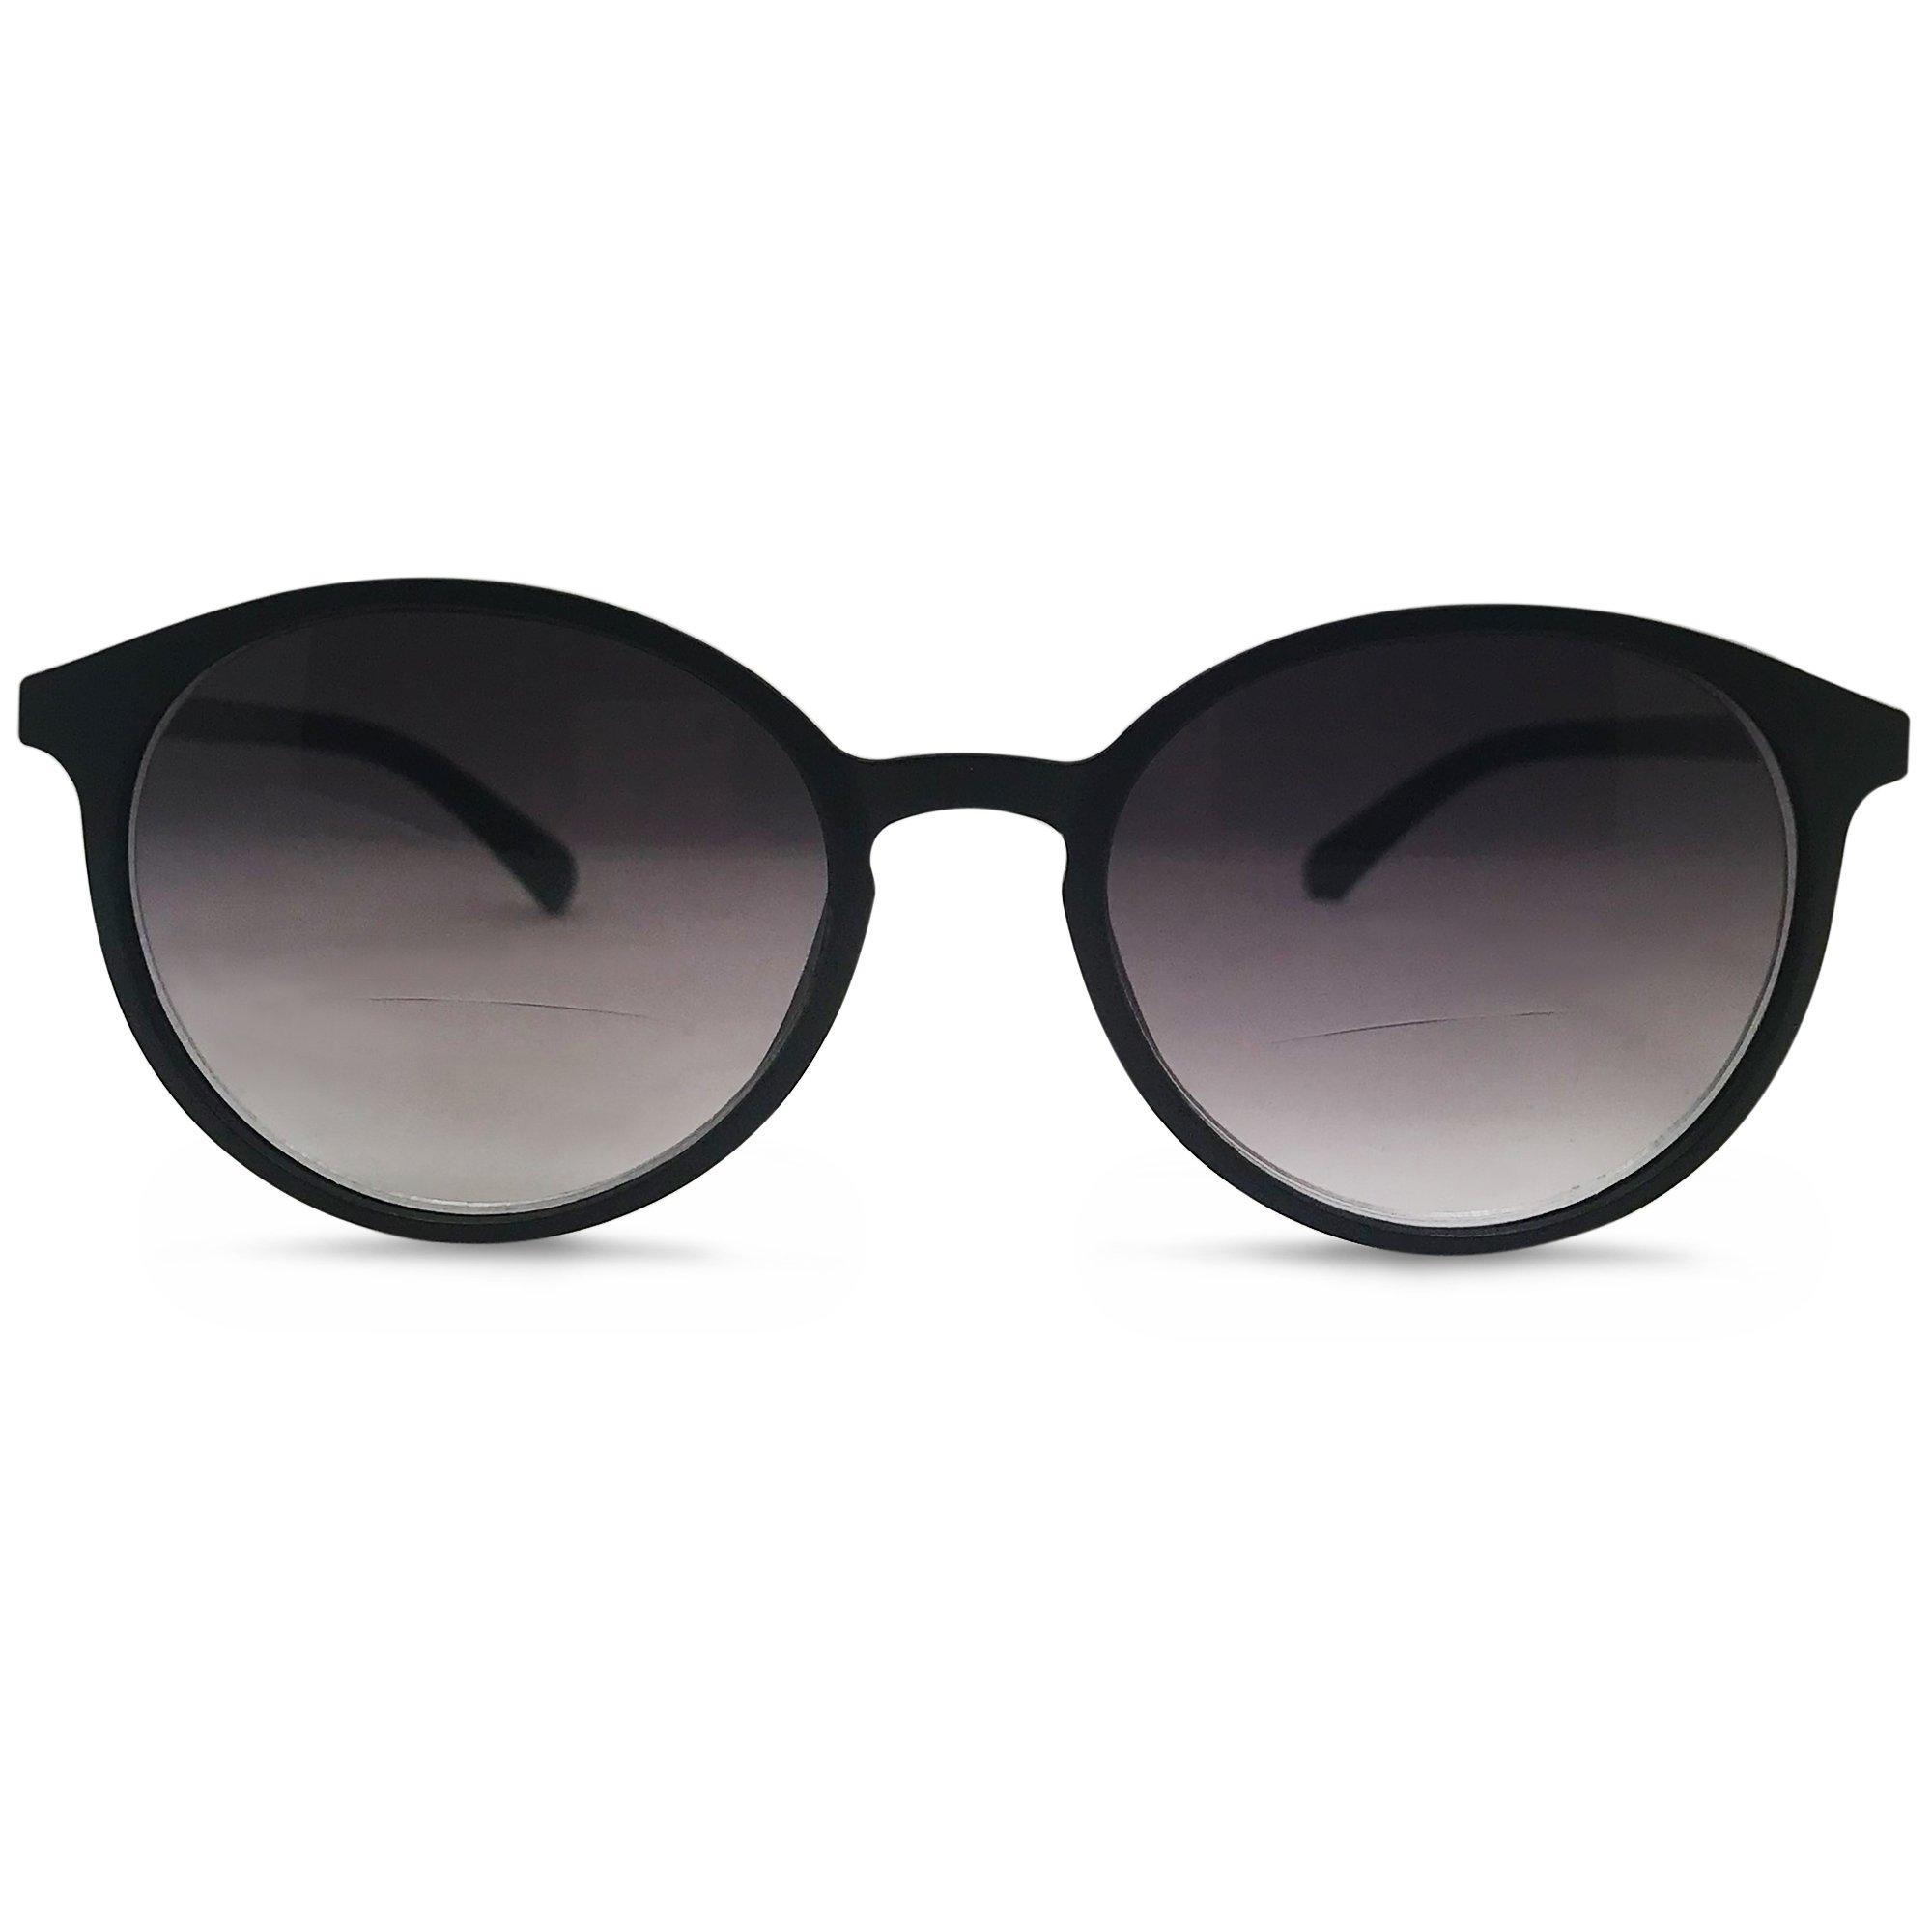 Chicago Bifocal Sunreaders (Black, 2.0)